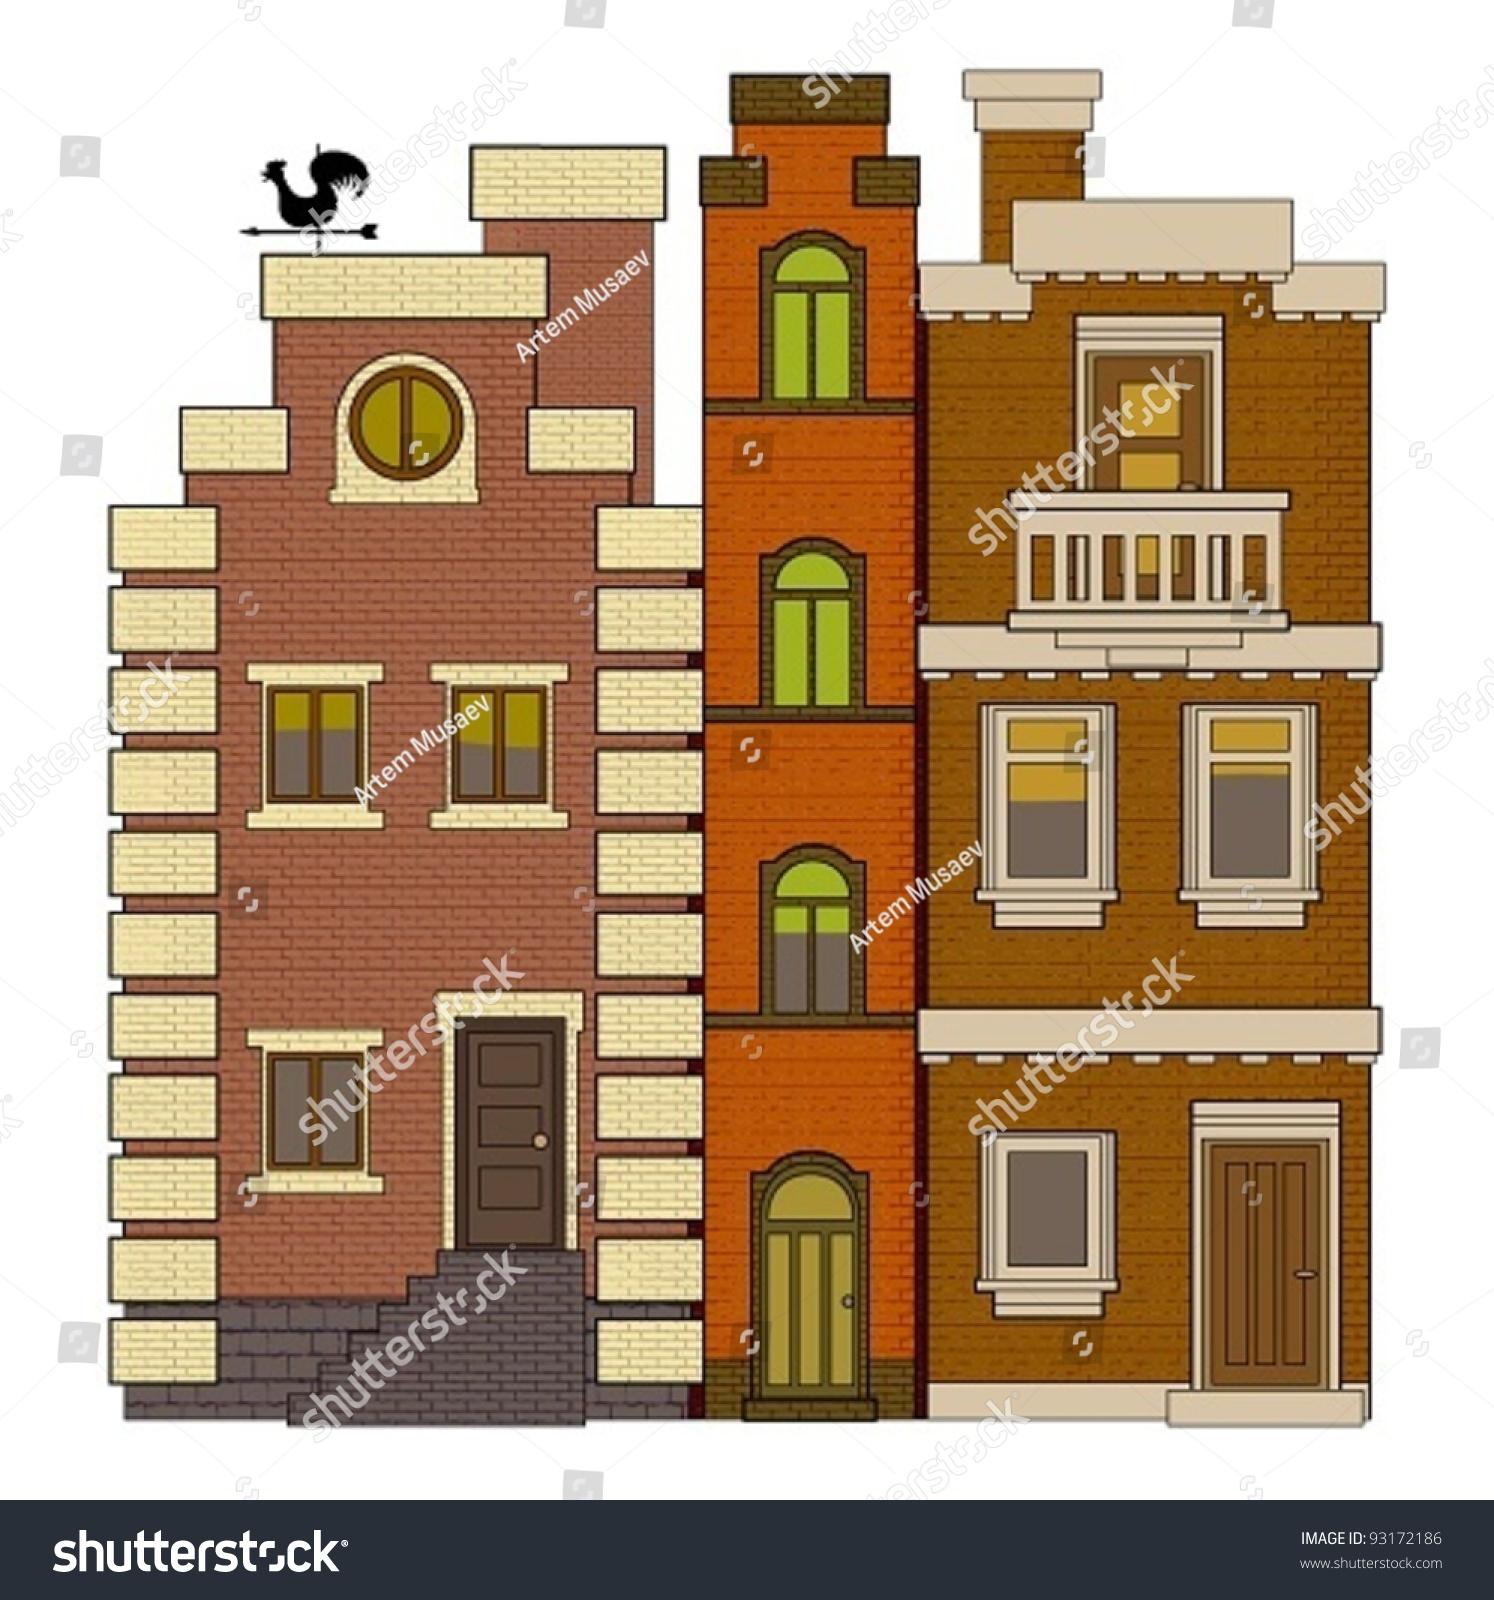 Old Fashioned Houses old fashioned houses stock vector 93172186 - shutterstock